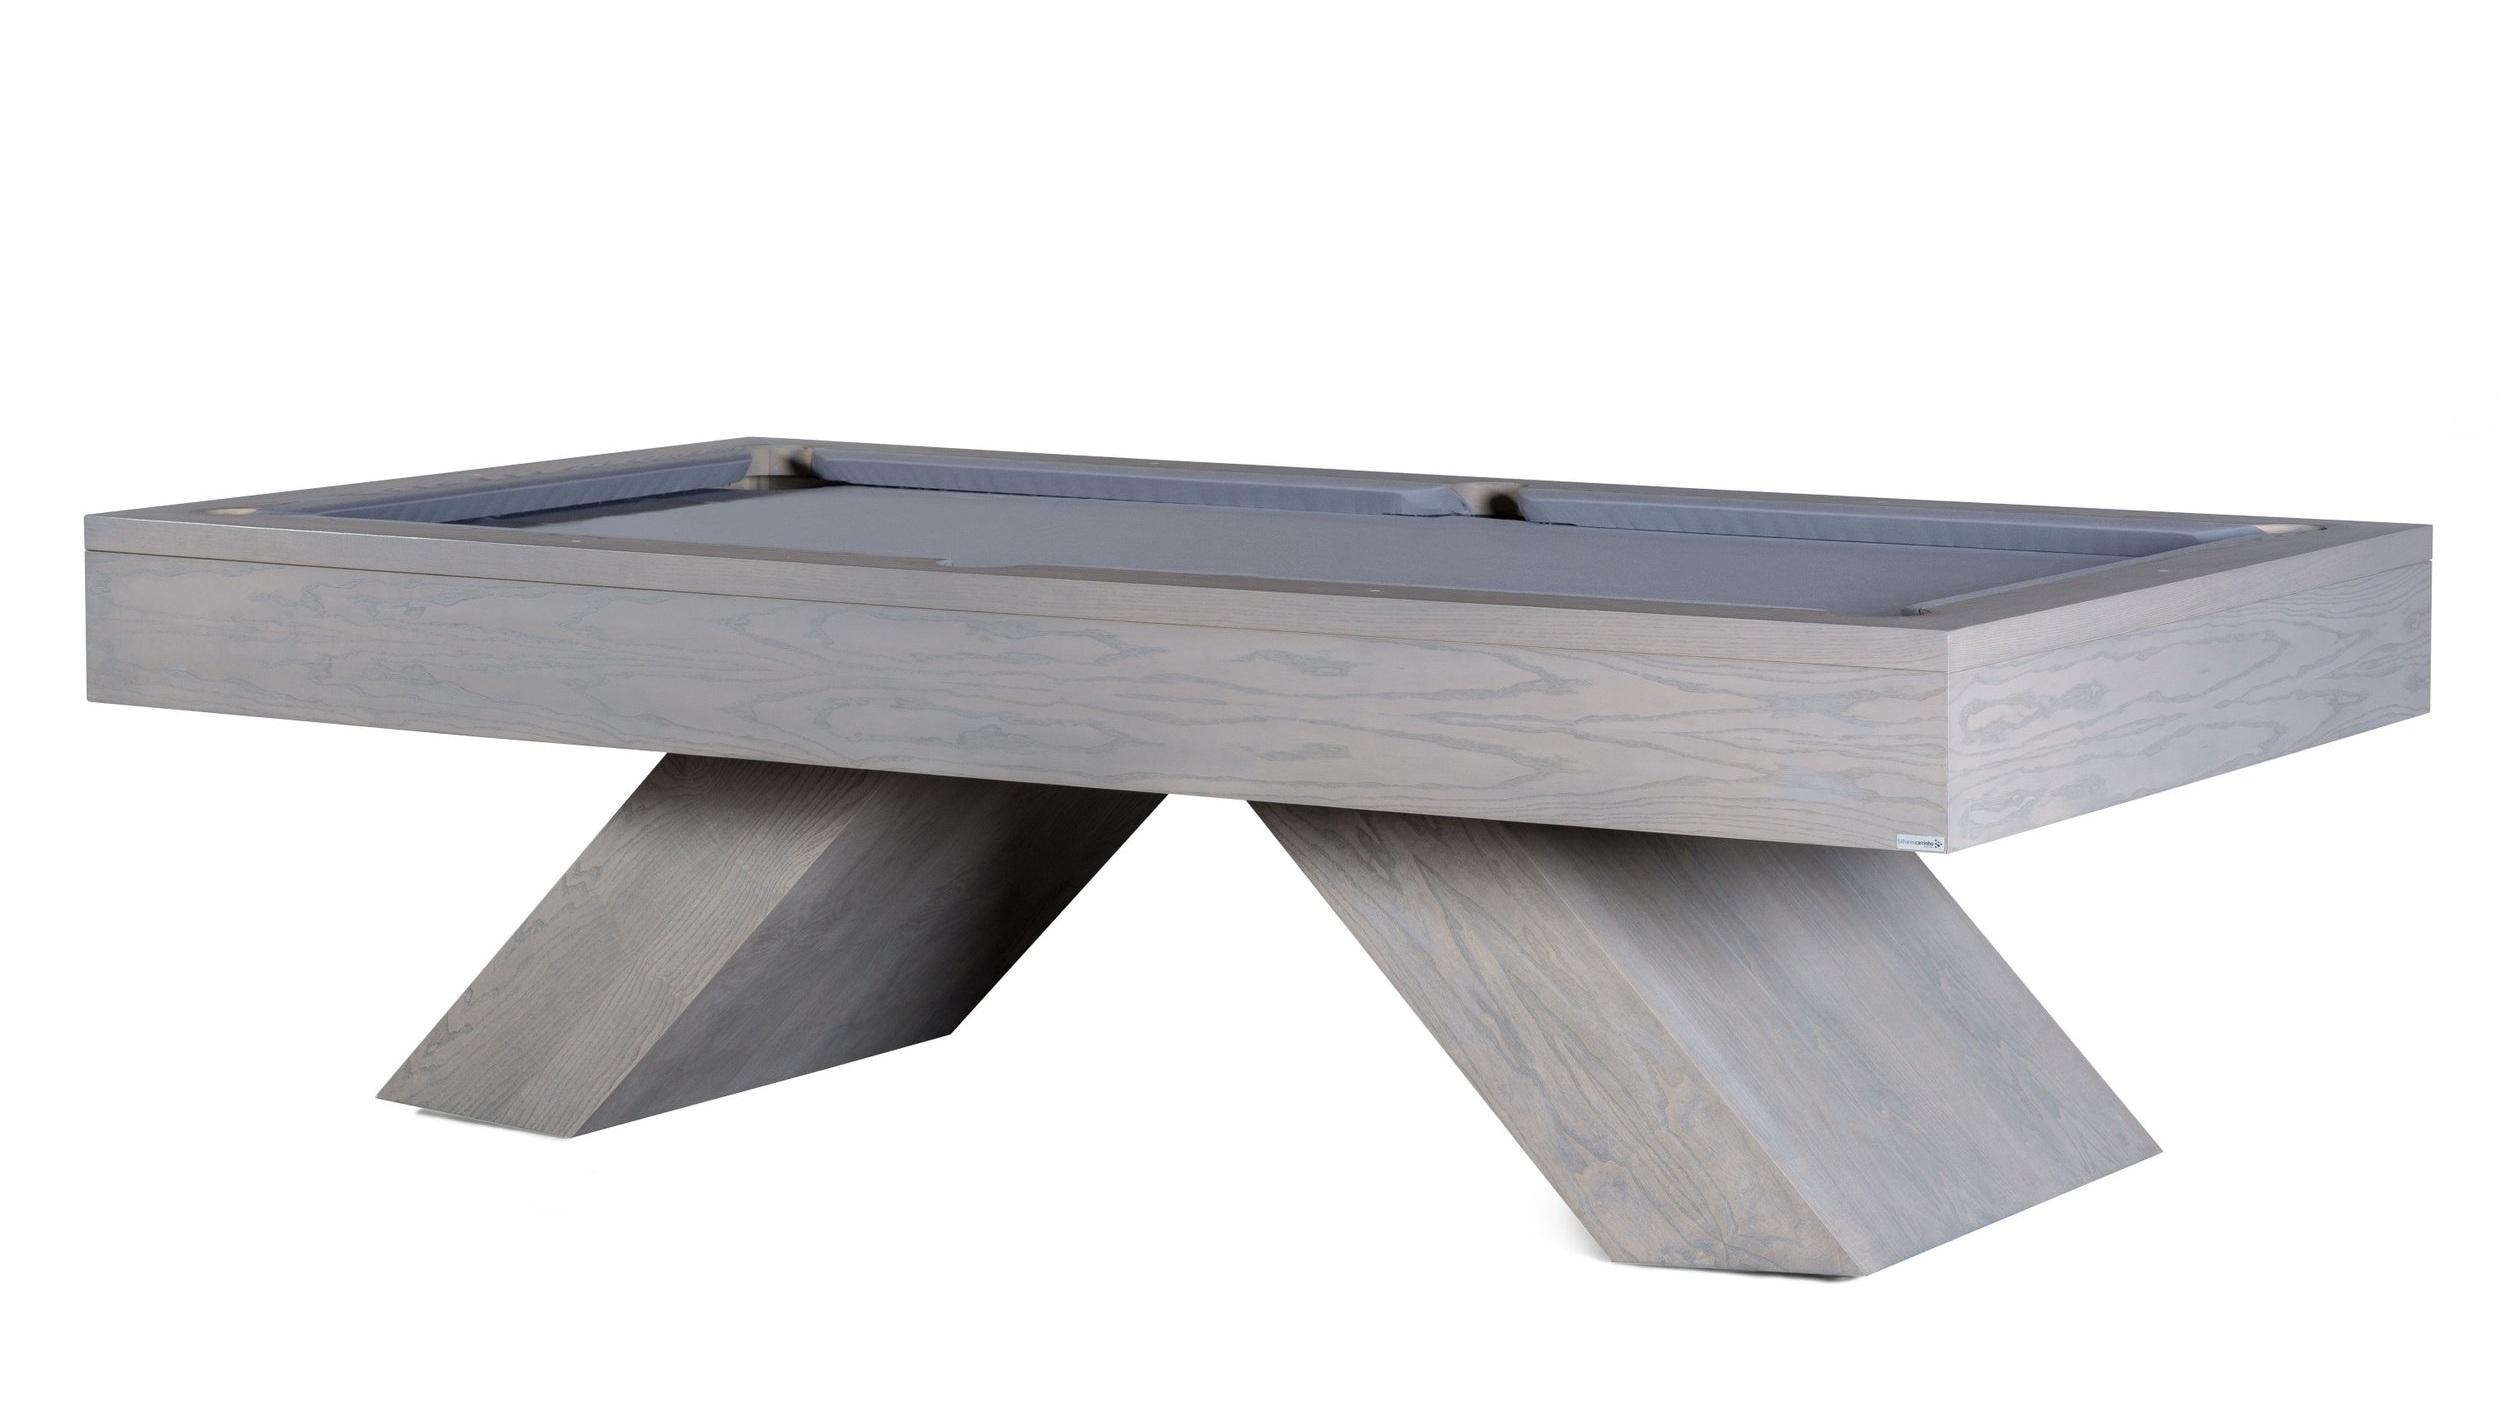 Model K gewaagd en mooi, metaal kader met 2 U balken - leisteen 3dlg 30mm - massief hout. max 8ft. Prijs 4995€ voor 7&8ft + levering & plaatsing 450€. Simonis laken +225€. Exclusief toebehoren